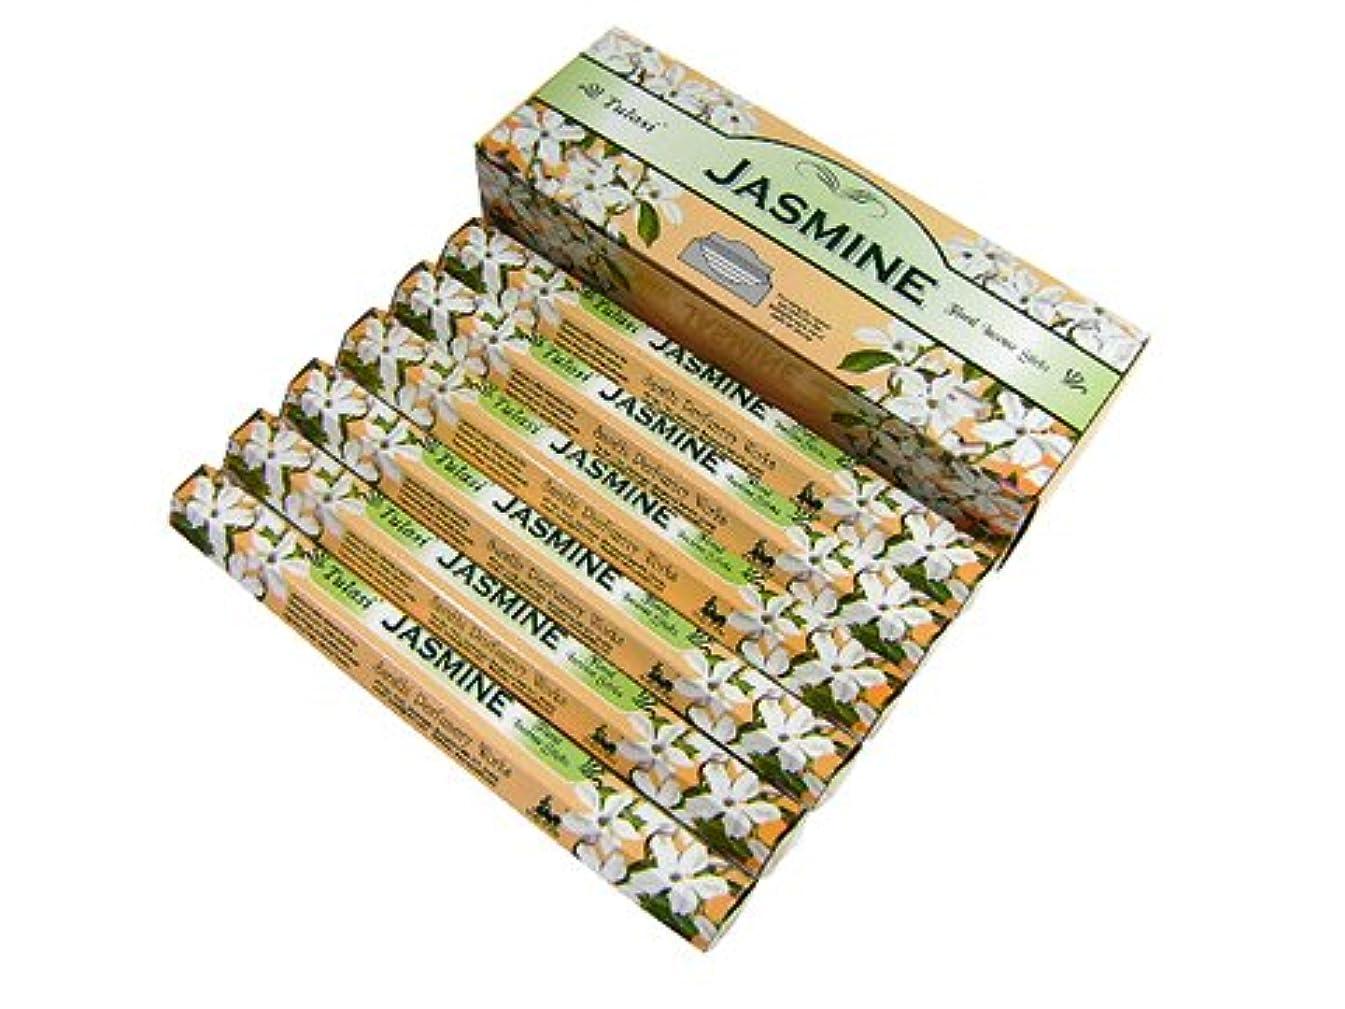 ベルト生物学アシスタントTULASI(トゥラシ) ジャスミン香 スティック JASMINE 6箱セット